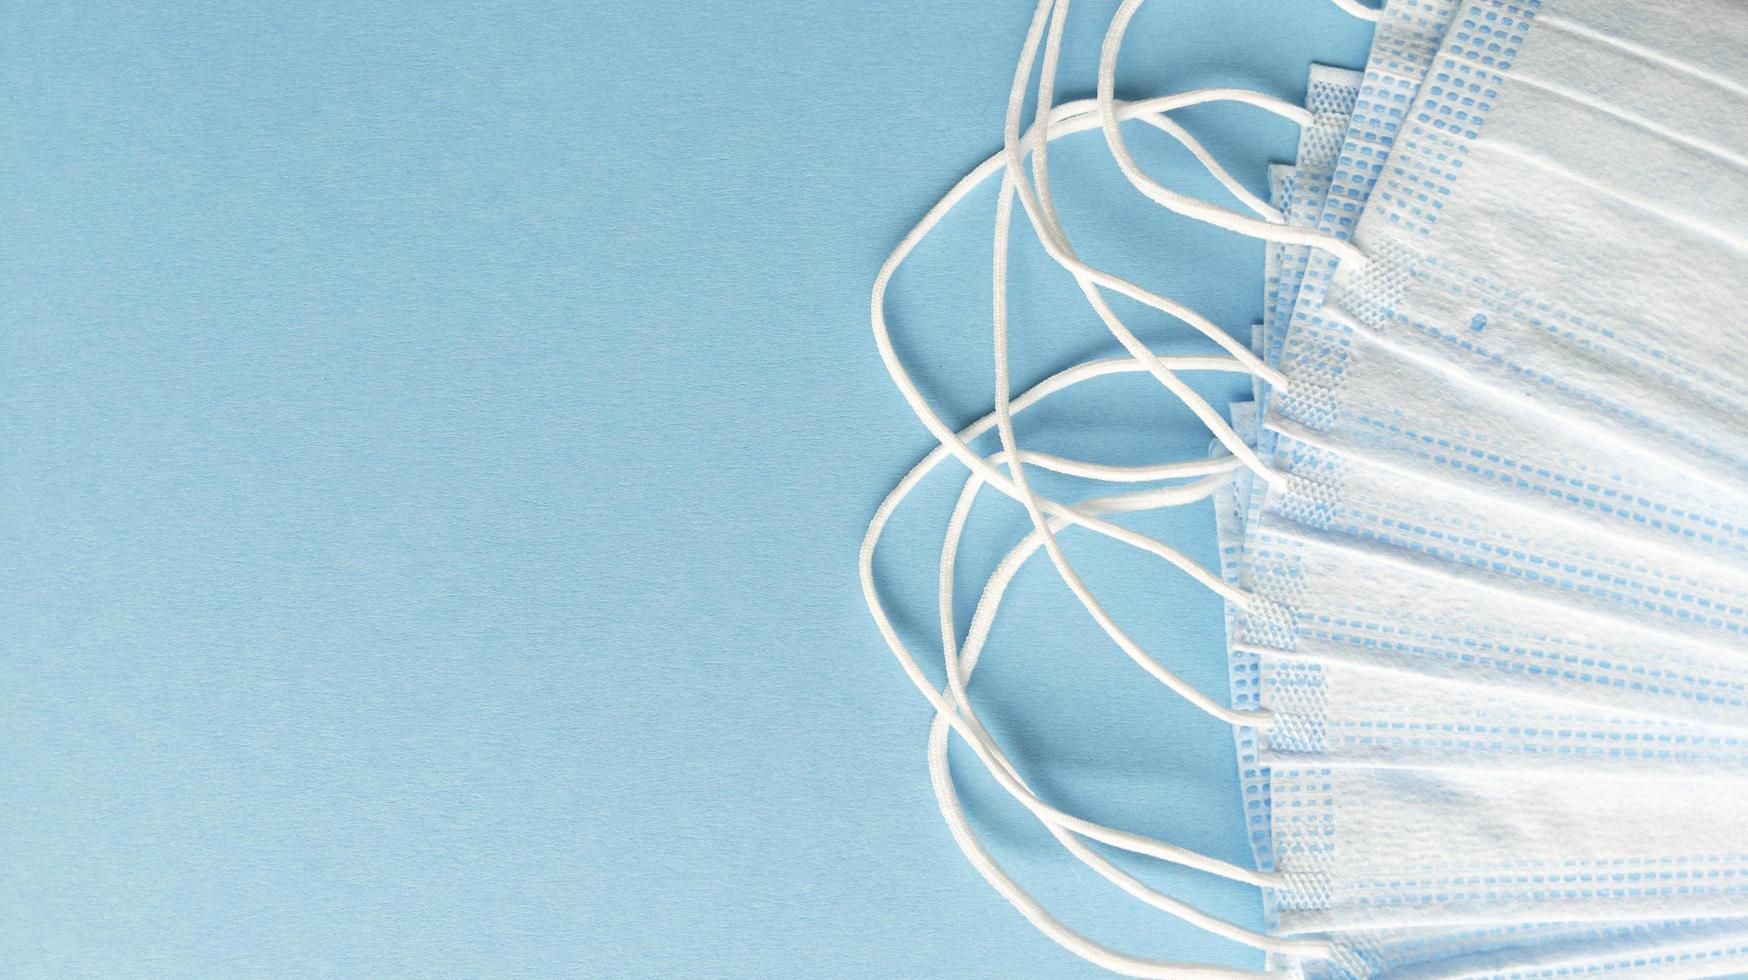 medische maskers in ventilatorlay-out rechts van een blauwe achtergrond. eenvoudig plat leggen met kopie ruimte. medisch concept. foto